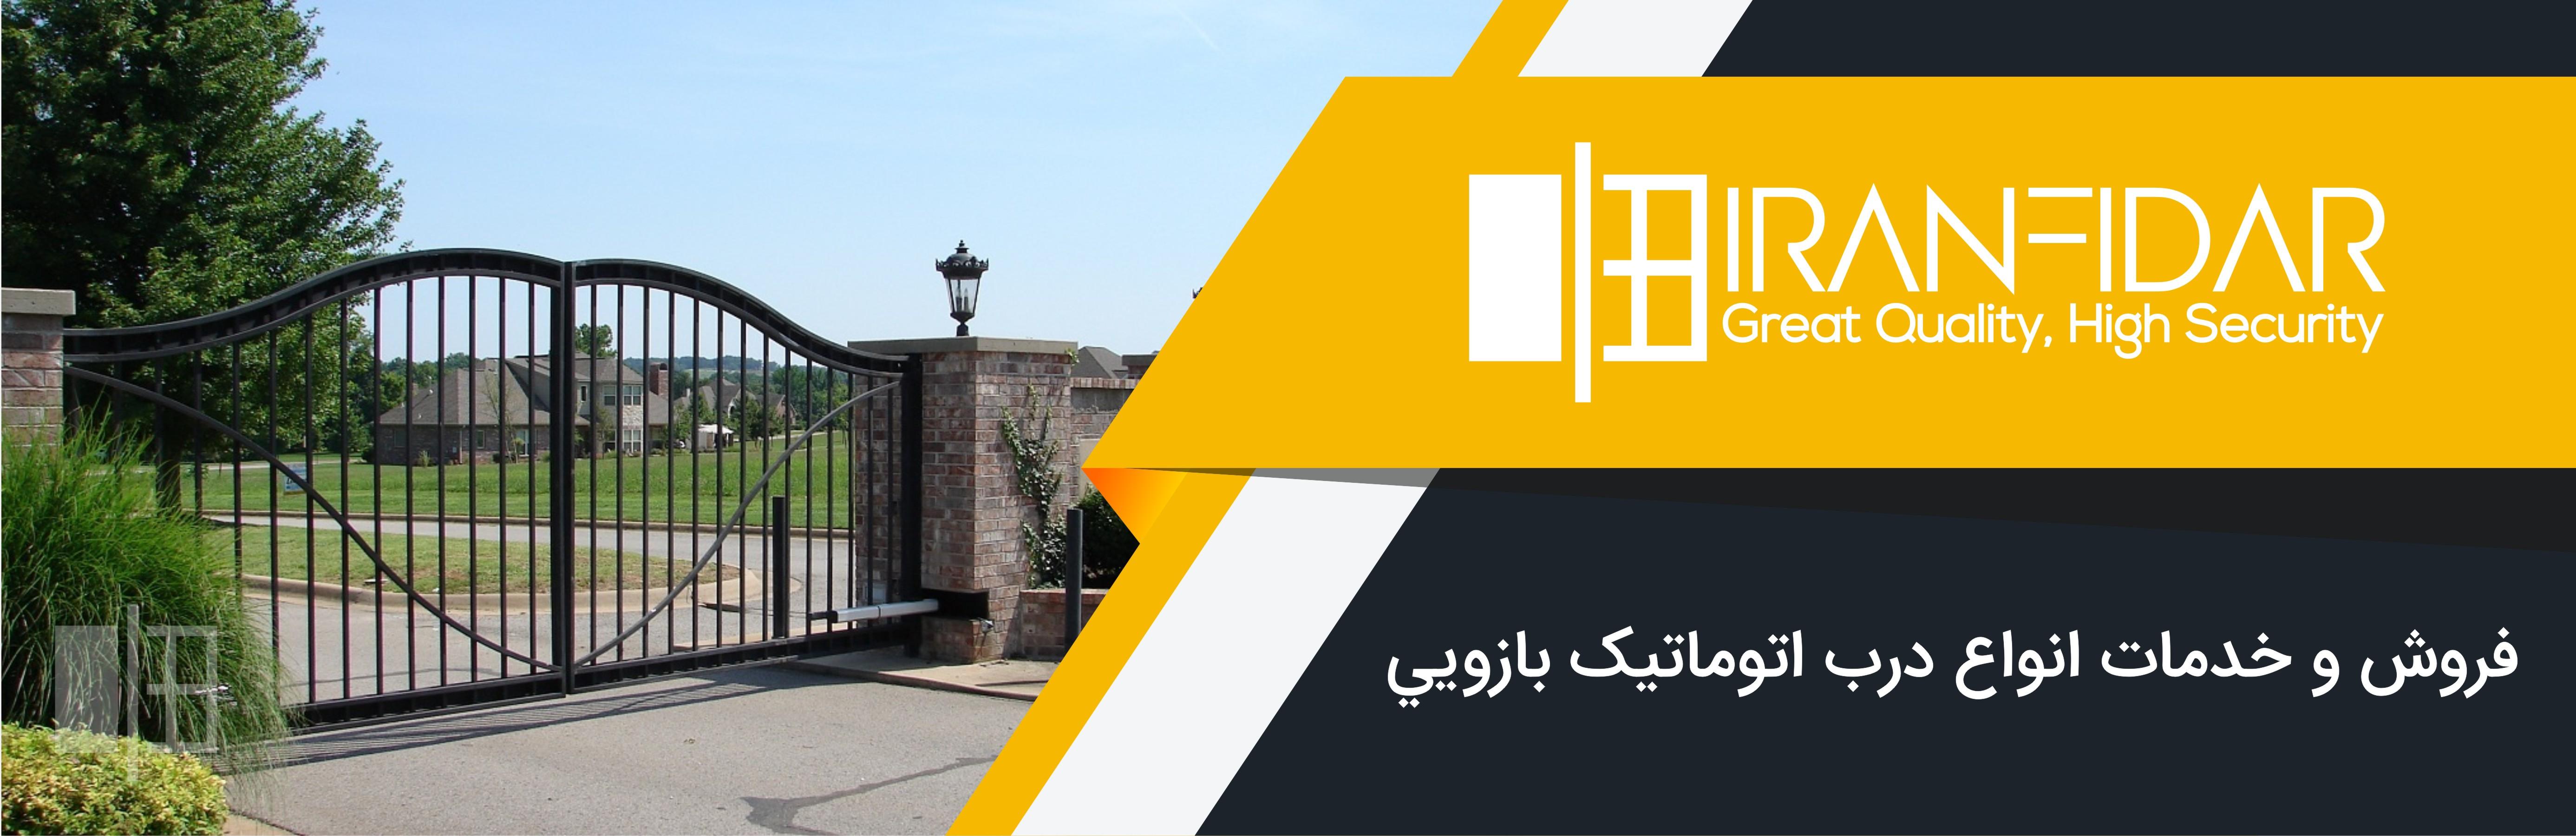 جک بازویی پارکینگ - در دولنگه برقی | ایران فیدار